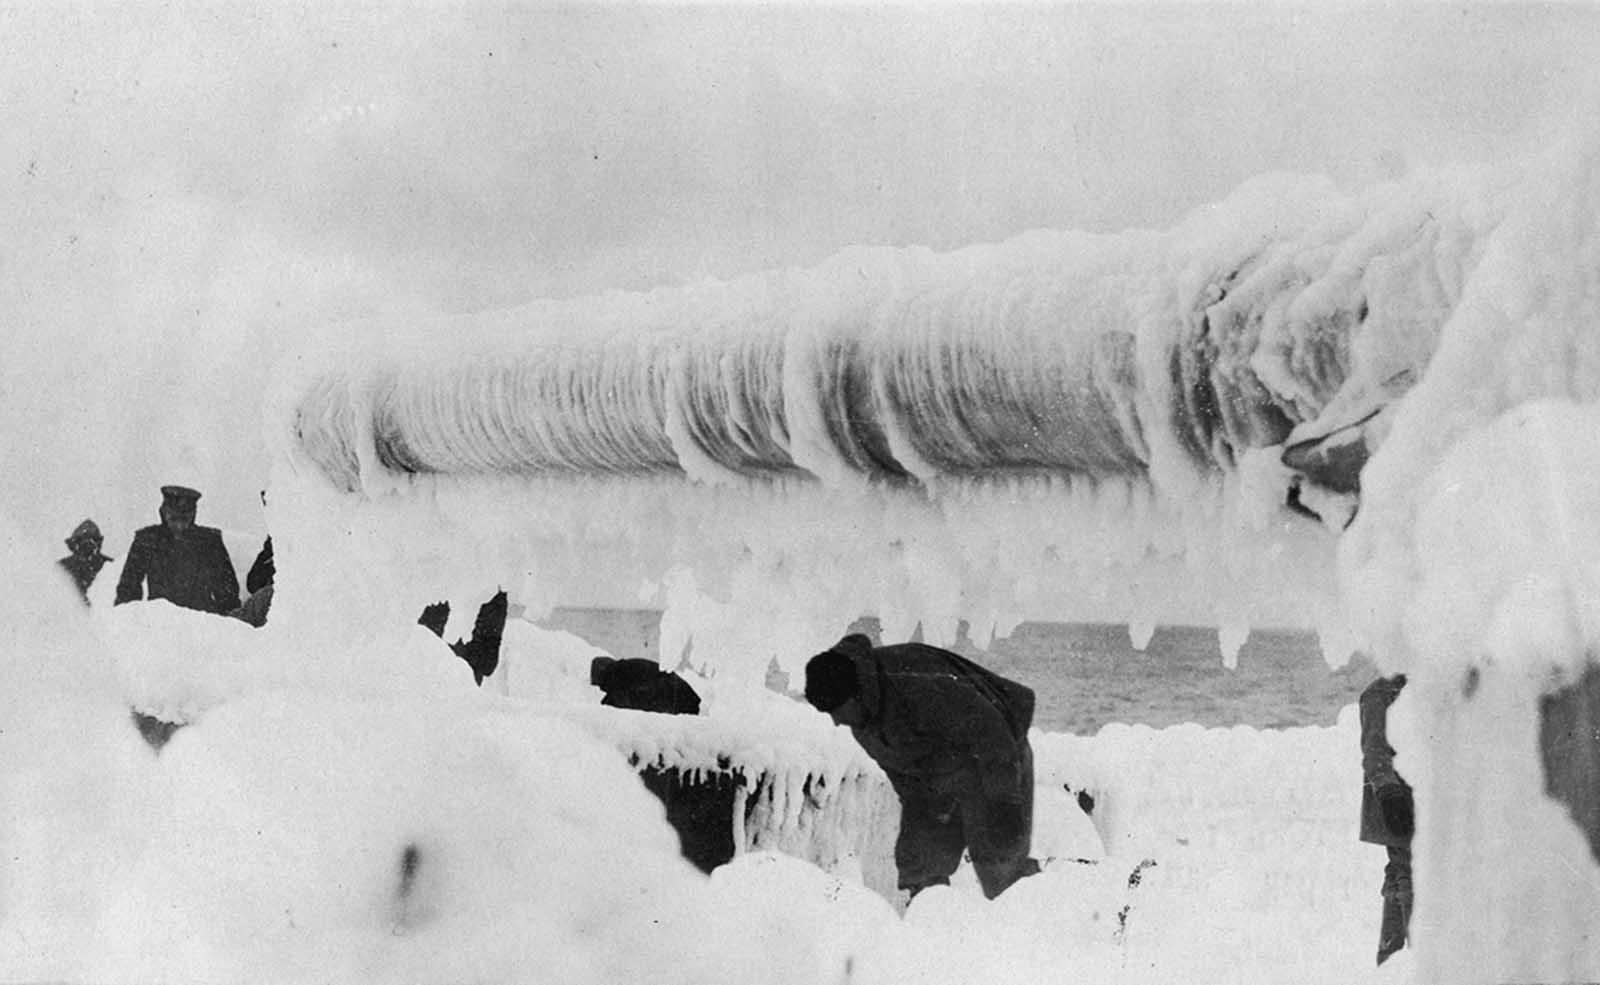 Hombres en cubierta de un barco sacando hielo. Título original: